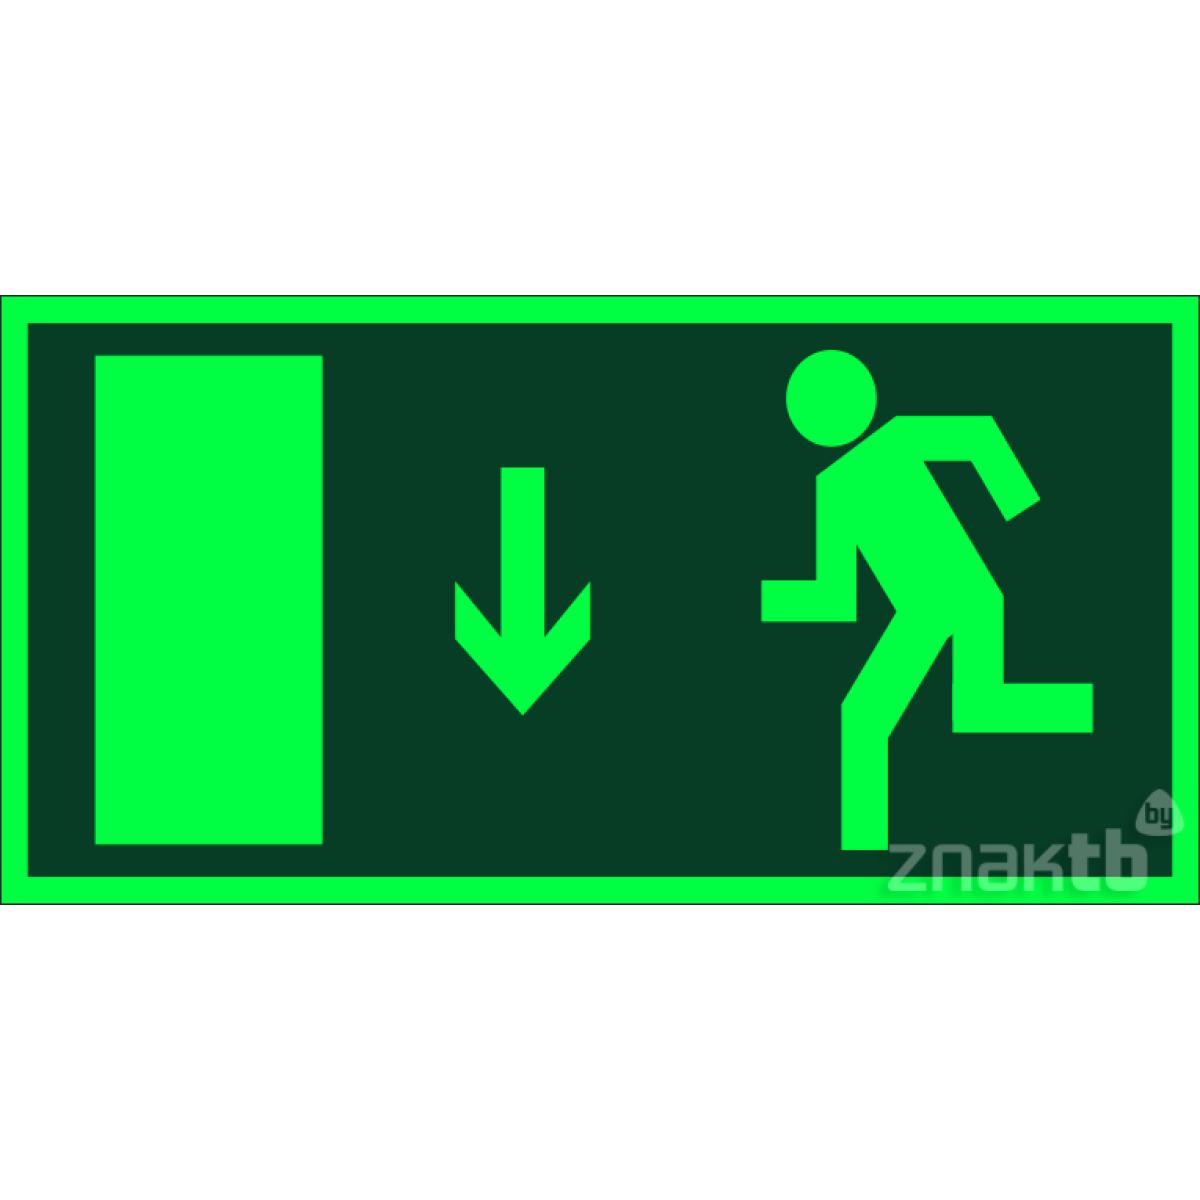 035 Знак Указатель двери эвакуационного выхода (правосторонний) фотолюм.